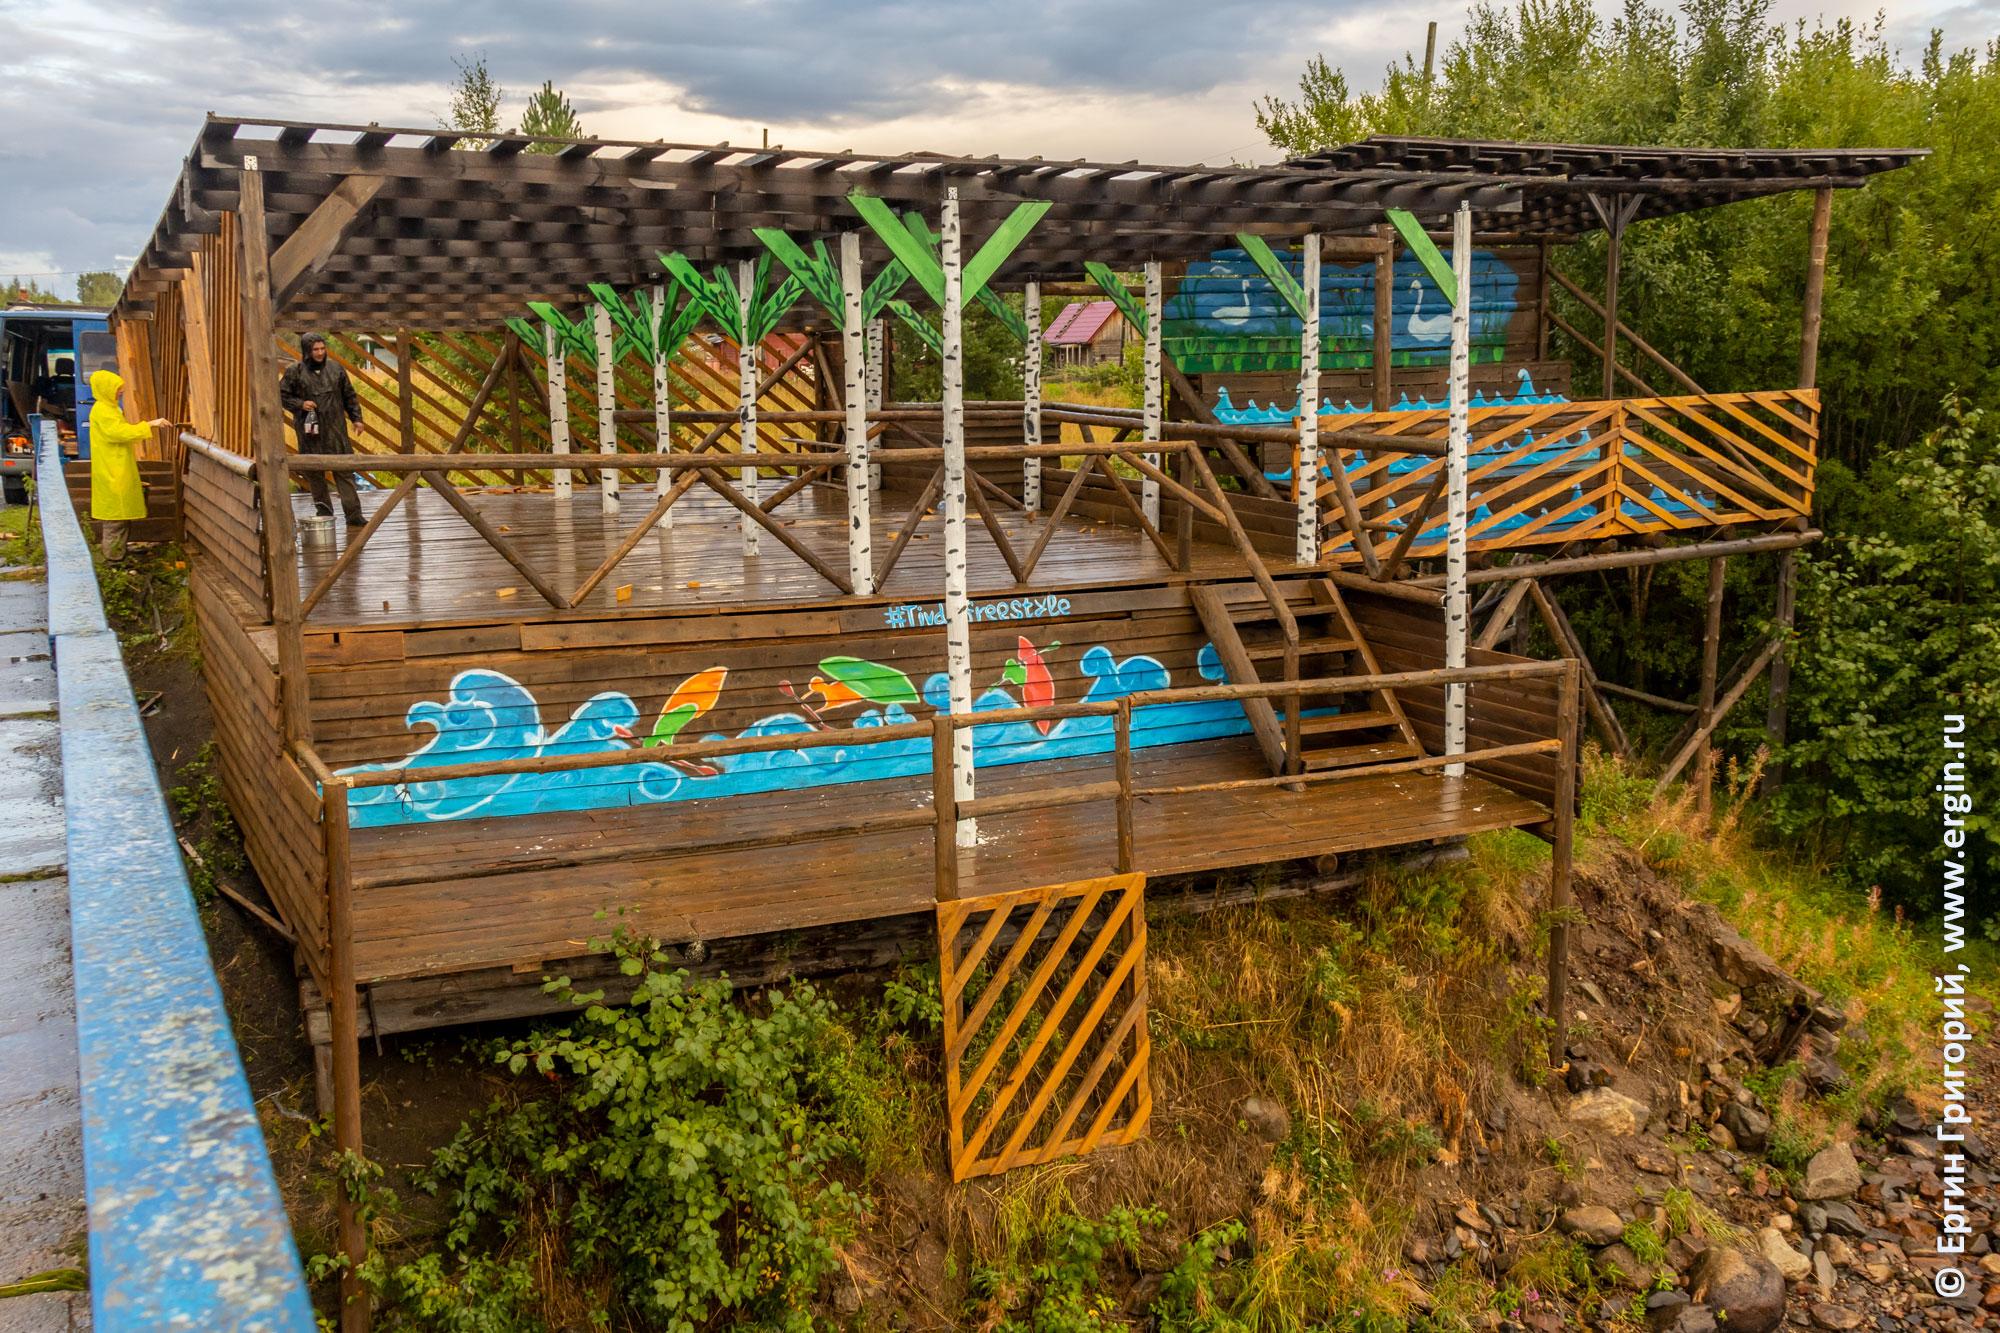 Тивдия - почти финальный вид спортивных построек на берегу Тивдийки после благоустройства